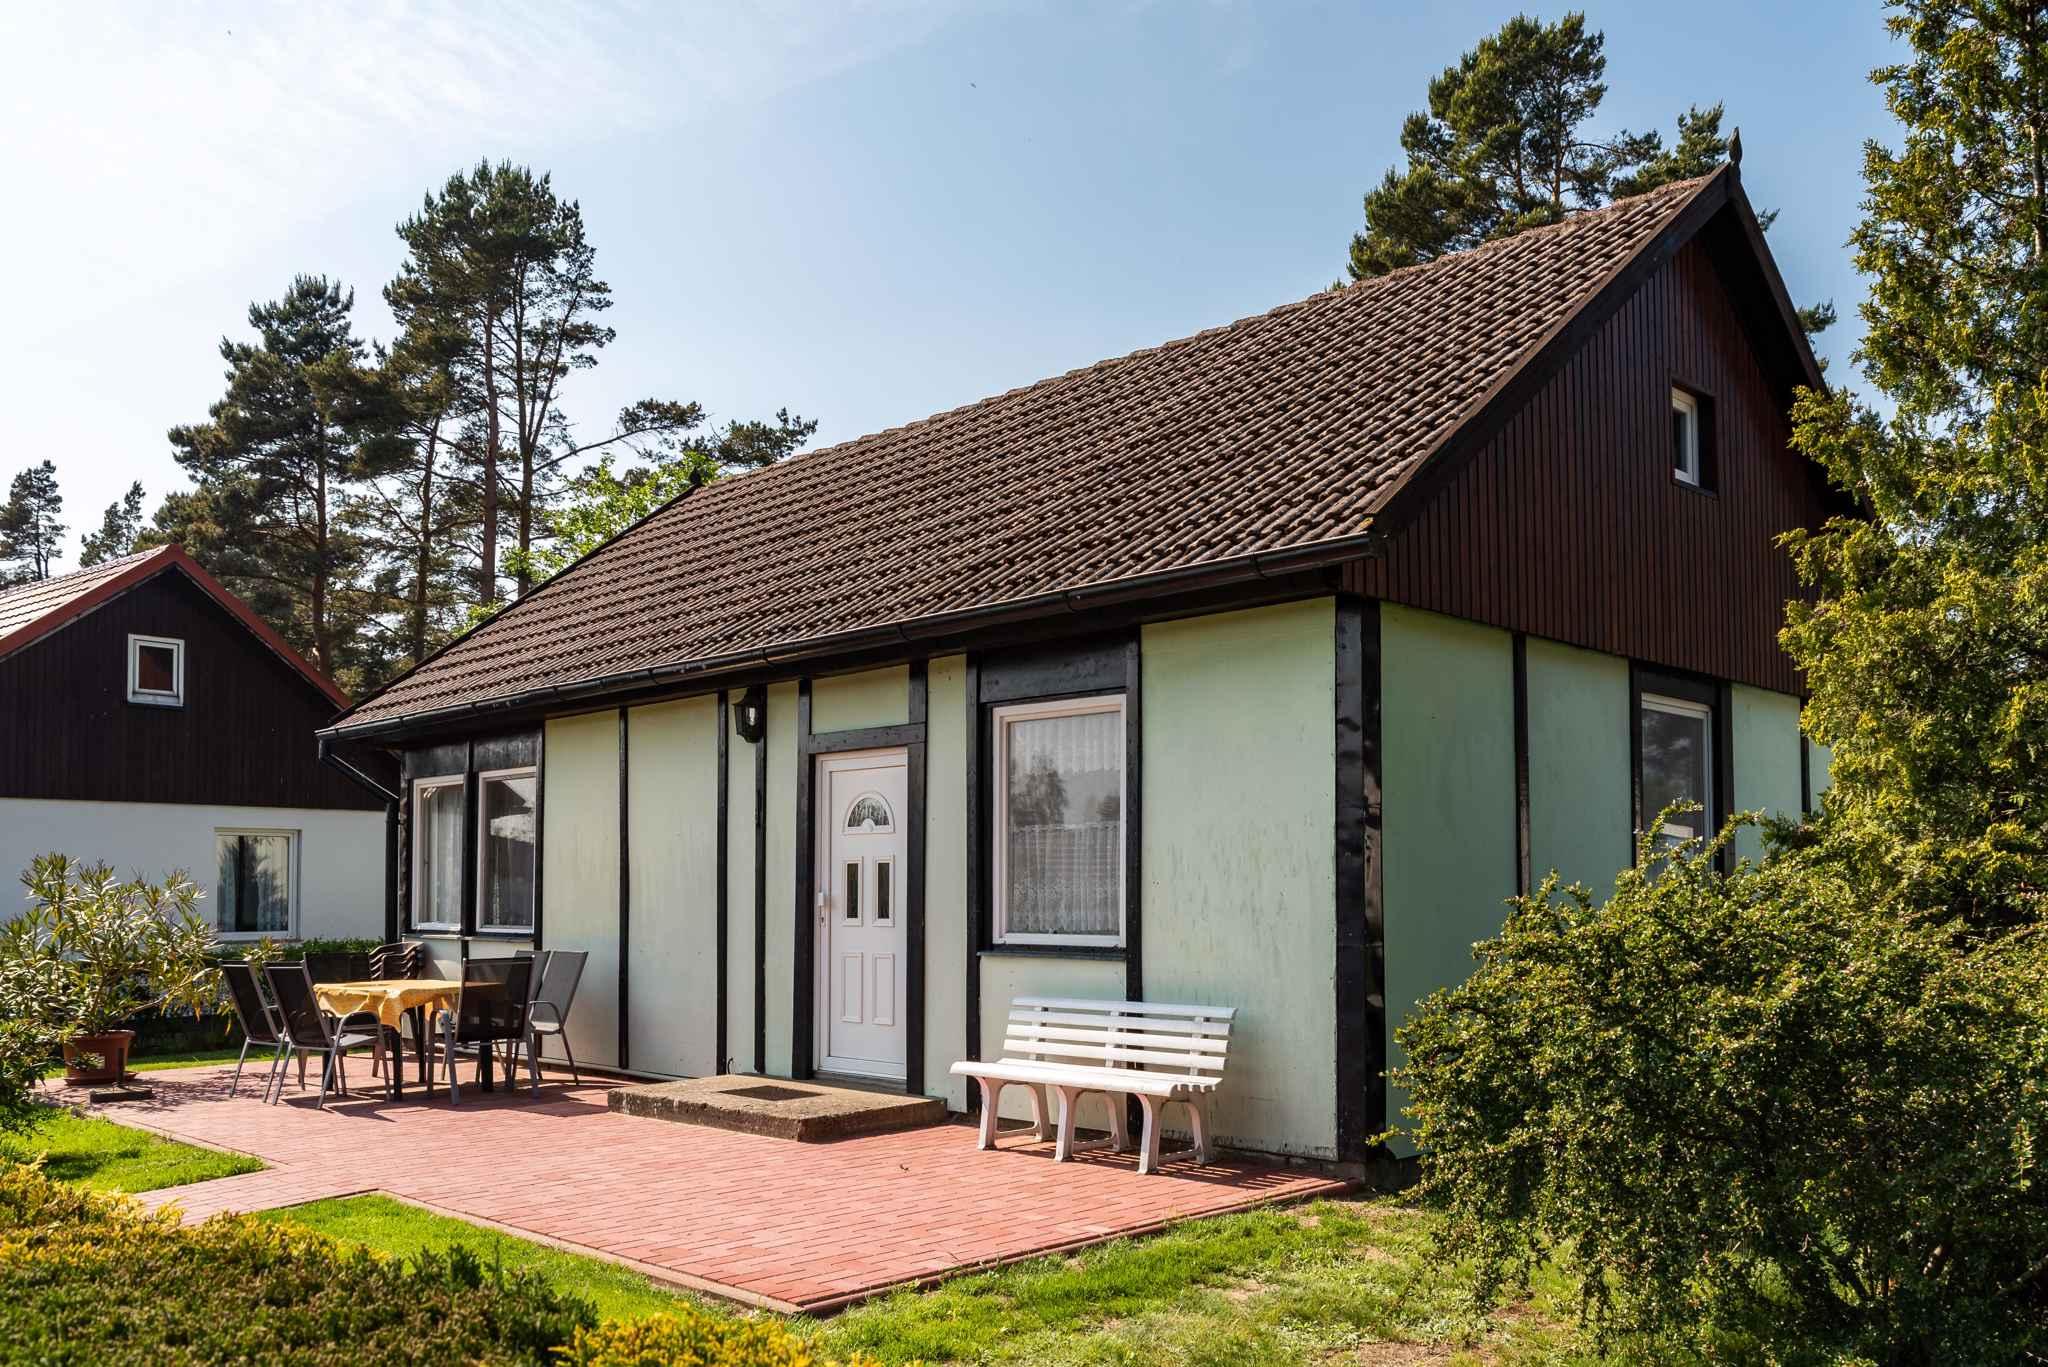 Ferienhaus Bungalow mit Terrasse und Garten (365438), Fuhlendorf, Ostseeküste Mecklenburg-Vorpommern, Mecklenburg-Vorpommern, Deutschland, Bild 3